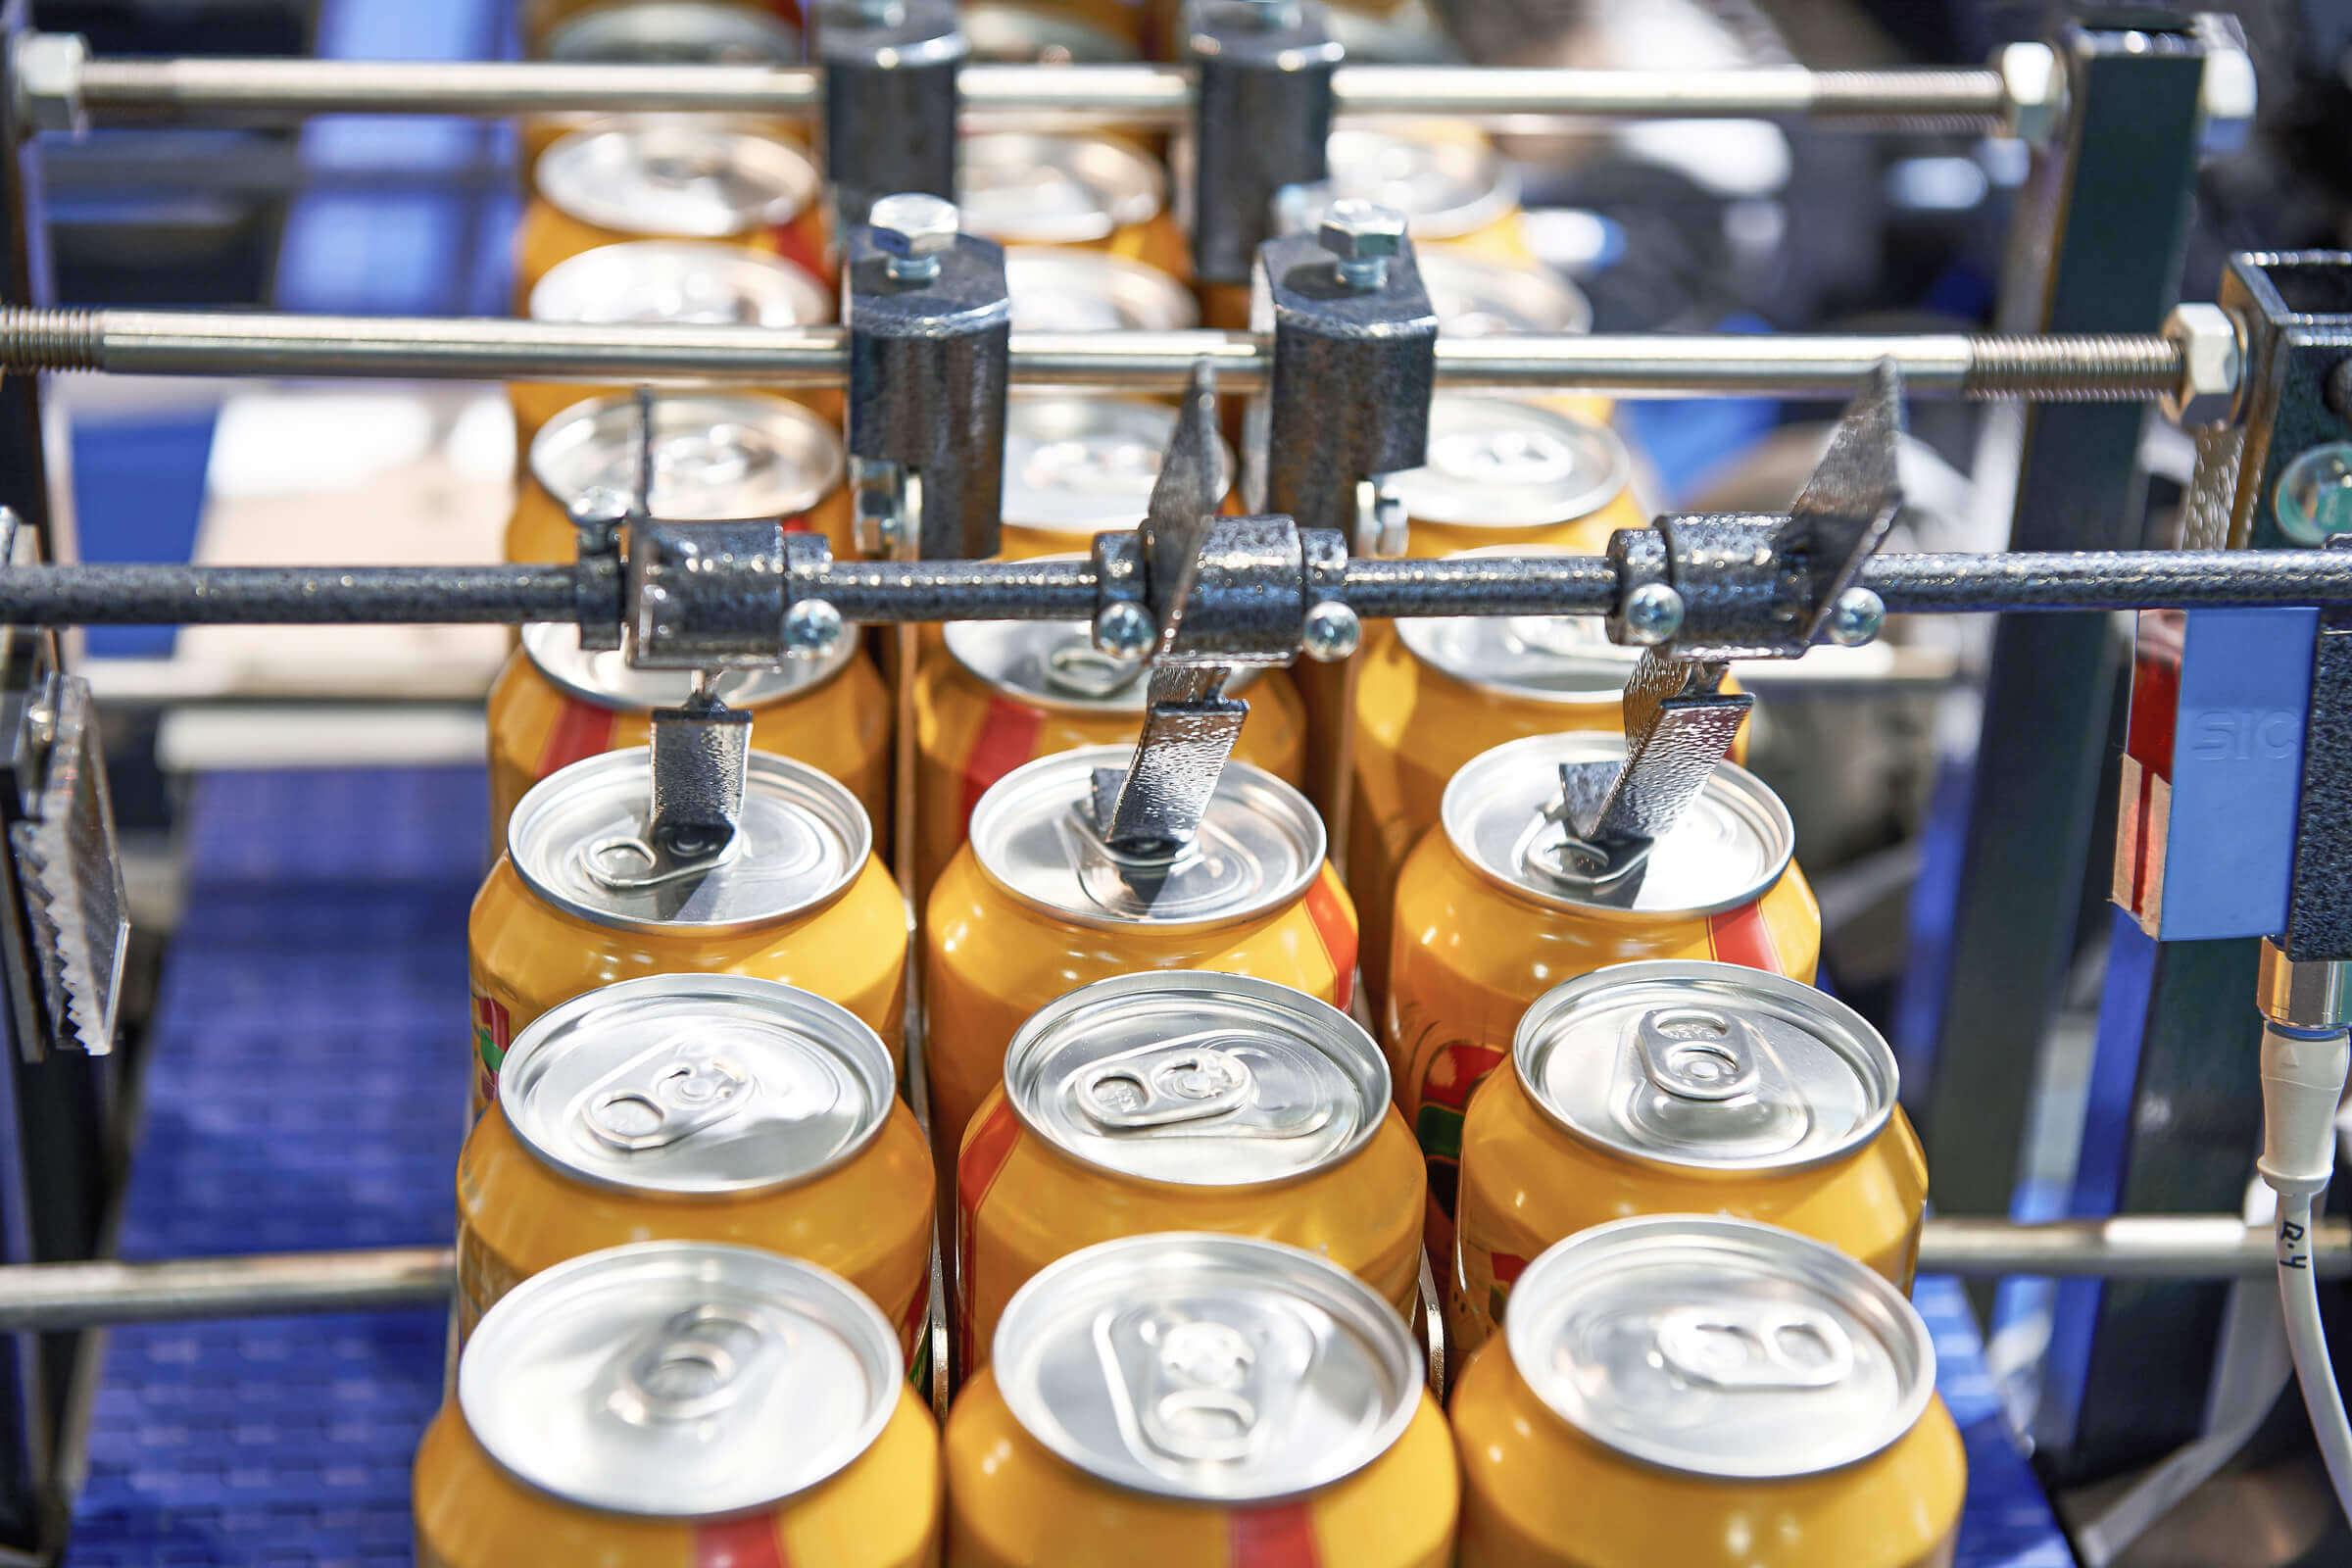 Aluminiumdosen Abfüllung Ausschussware